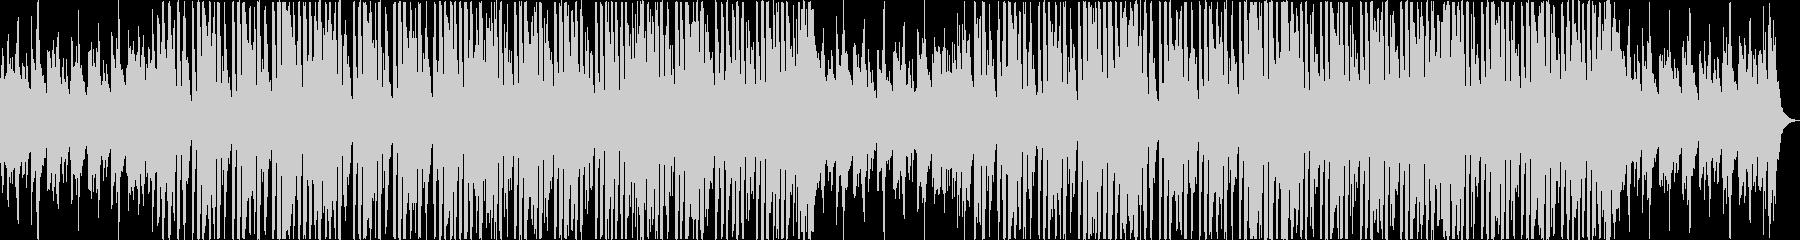 かわいいレトロ軽快エレクトロポップaの未再生の波形